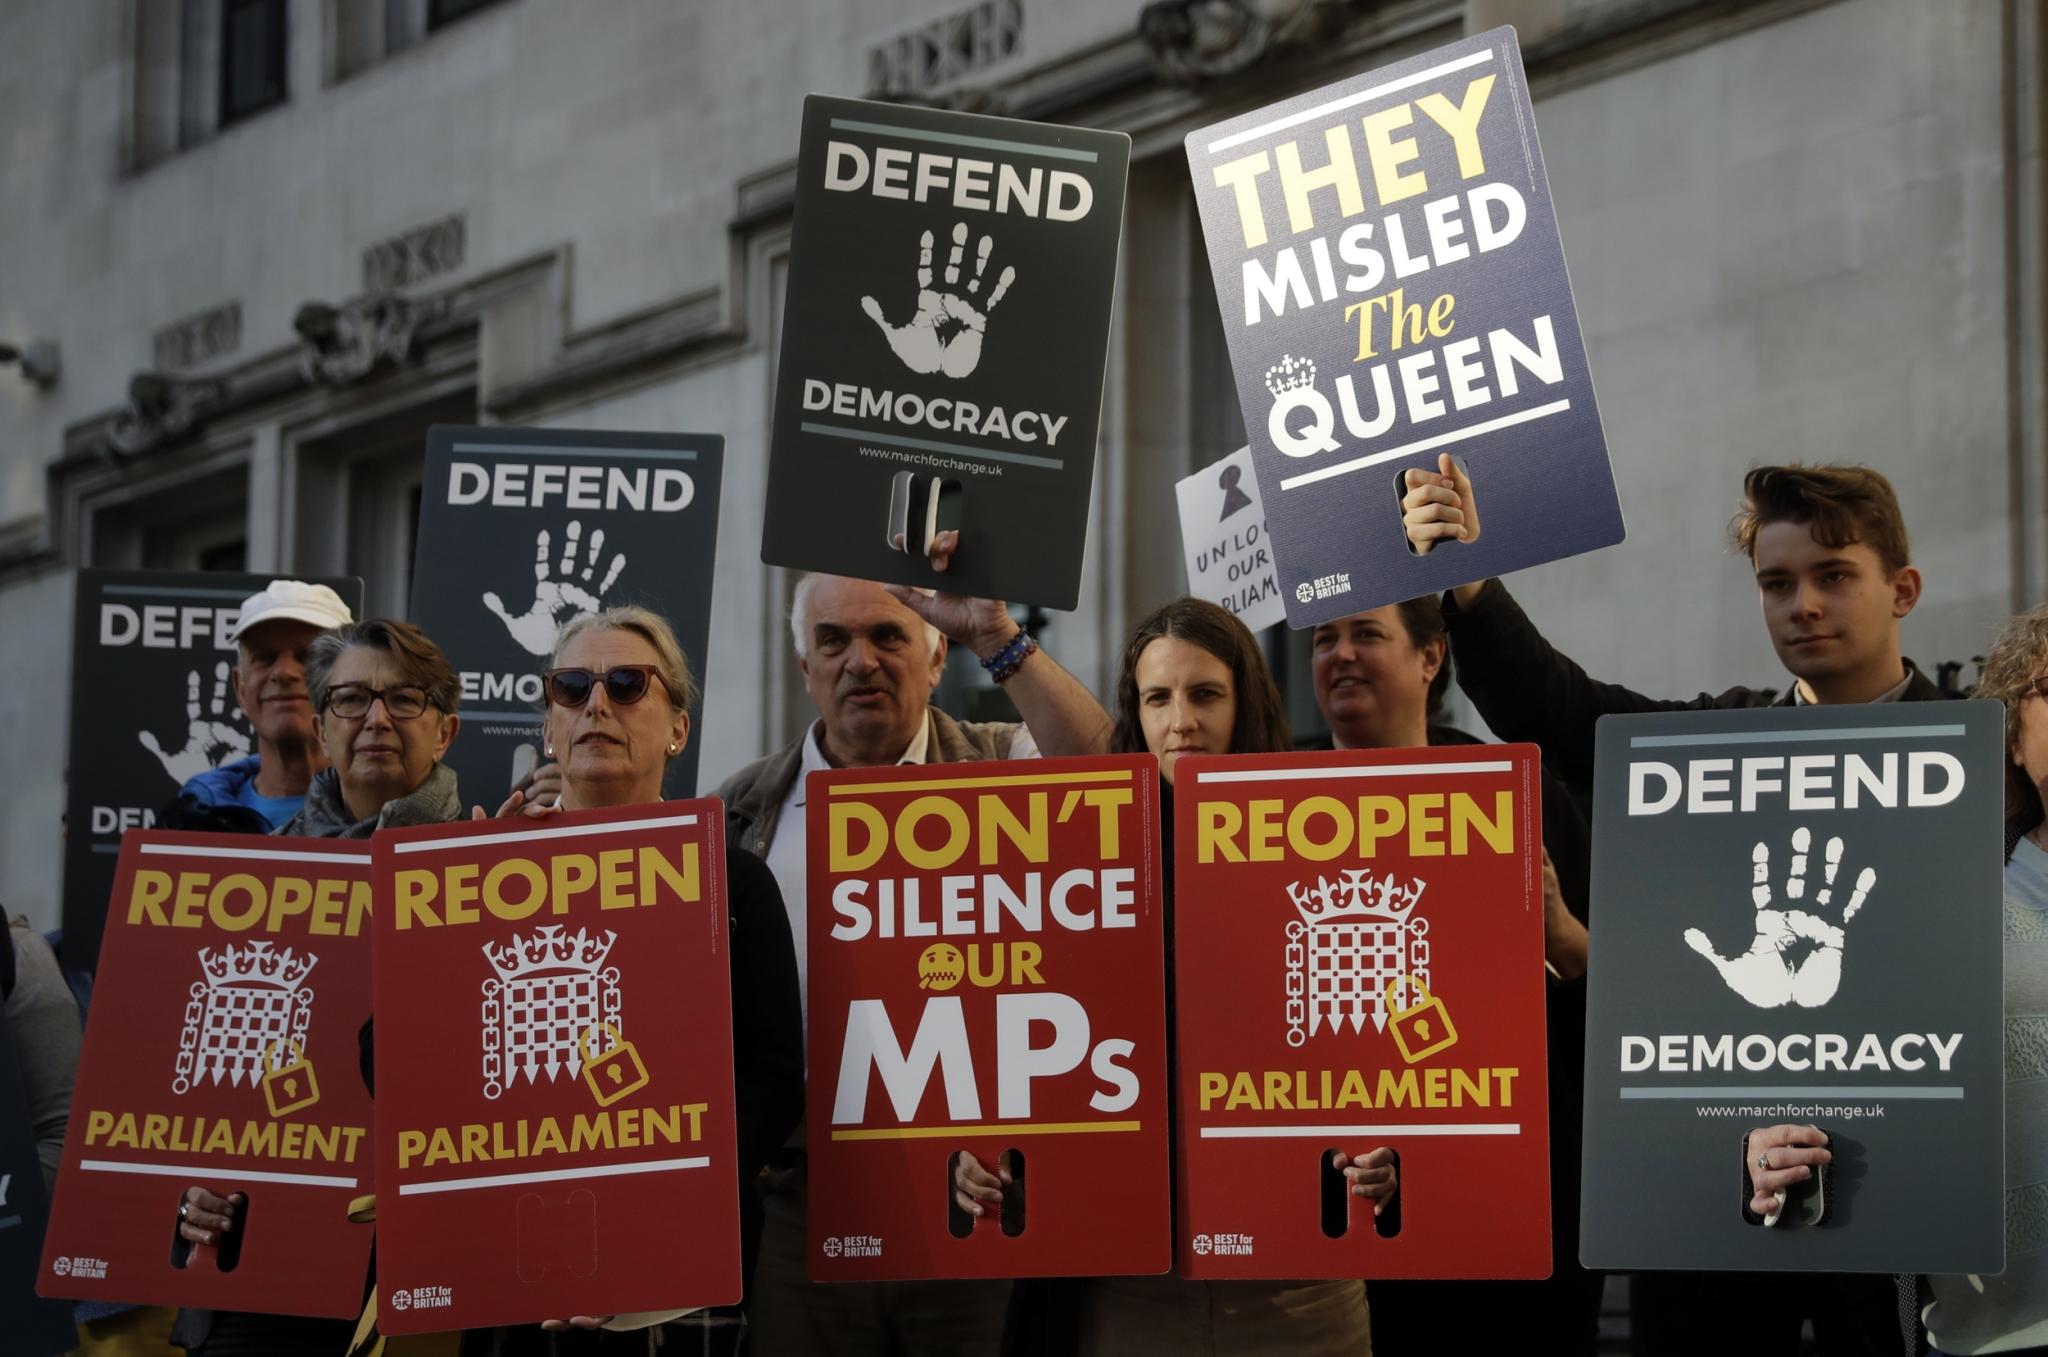 En un golpe para Boris Johnson, la Corte Suprema del Reino Unido declara ilegal y nula la suspensión del Parlamento